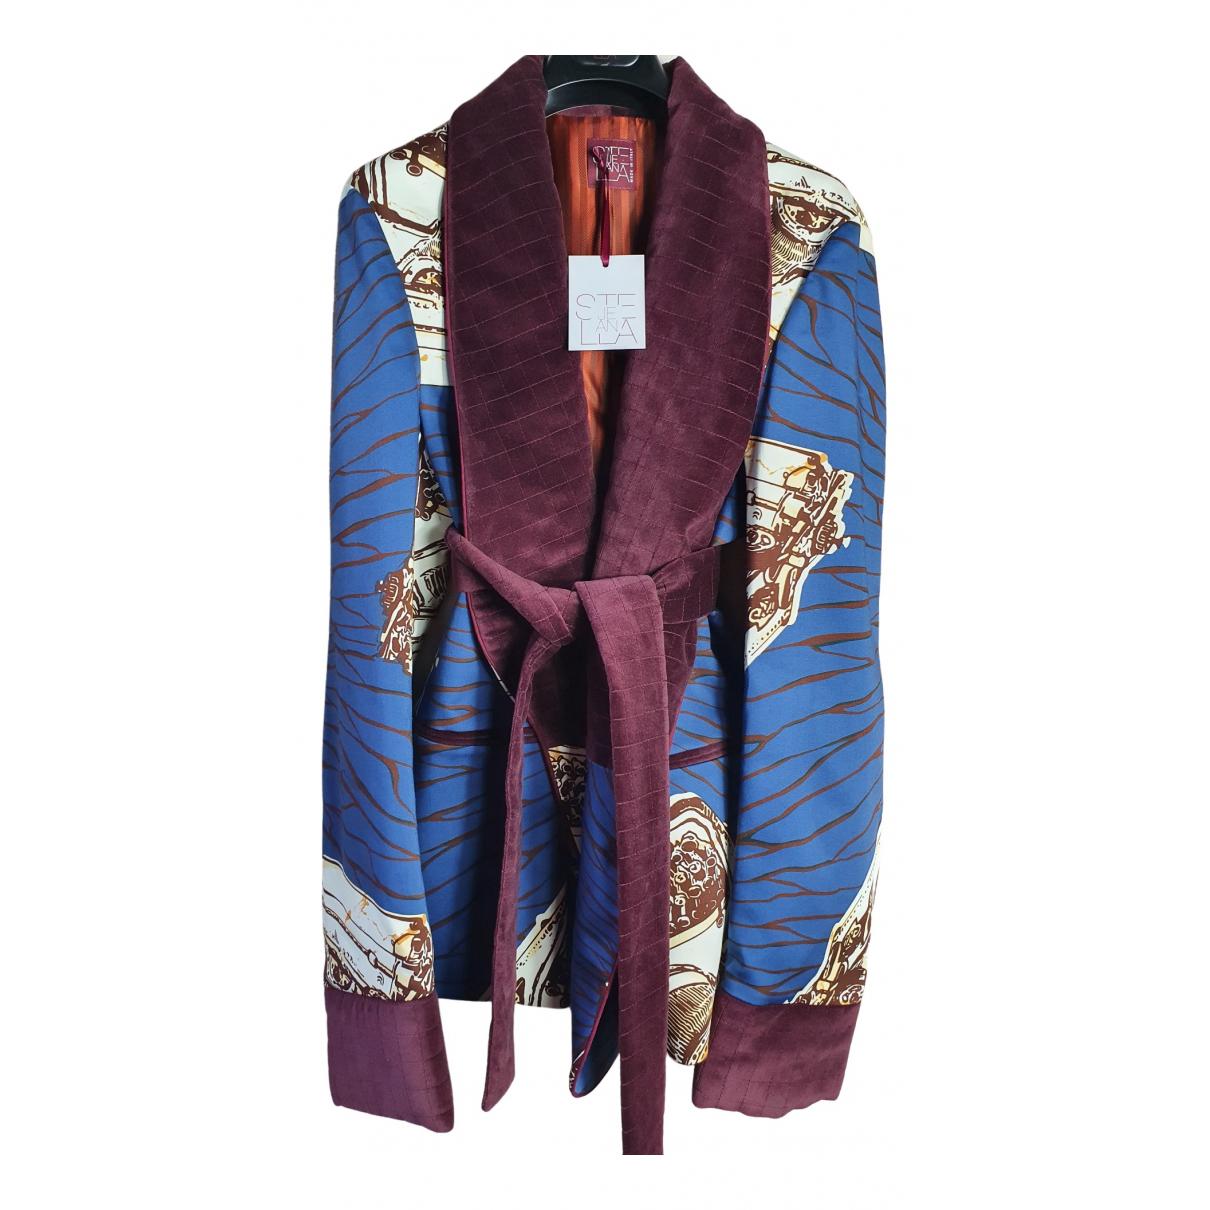 Stella Jean - Vestes.Blousons   pour homme en coton - multicolore